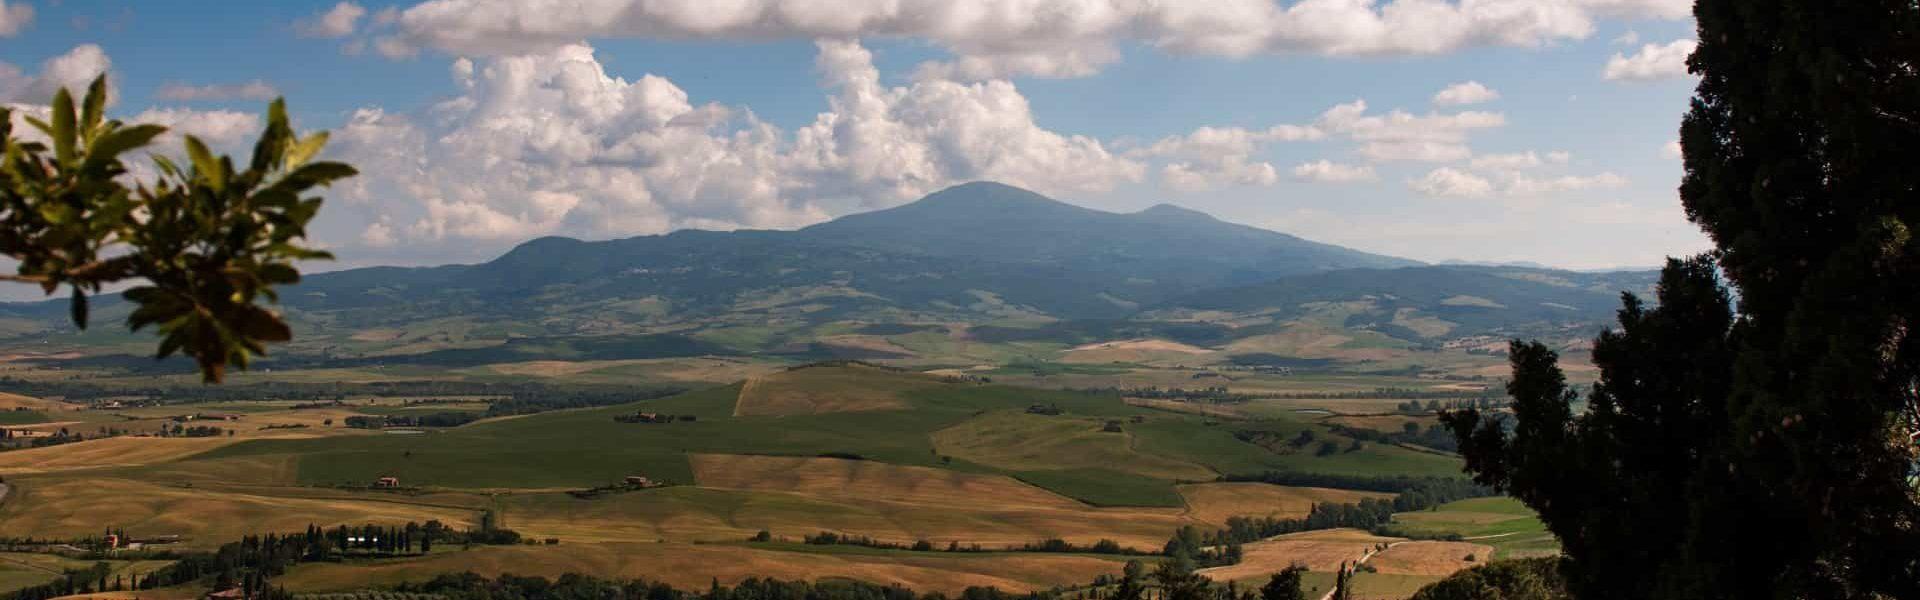 Canva - View of the Monte Amiata